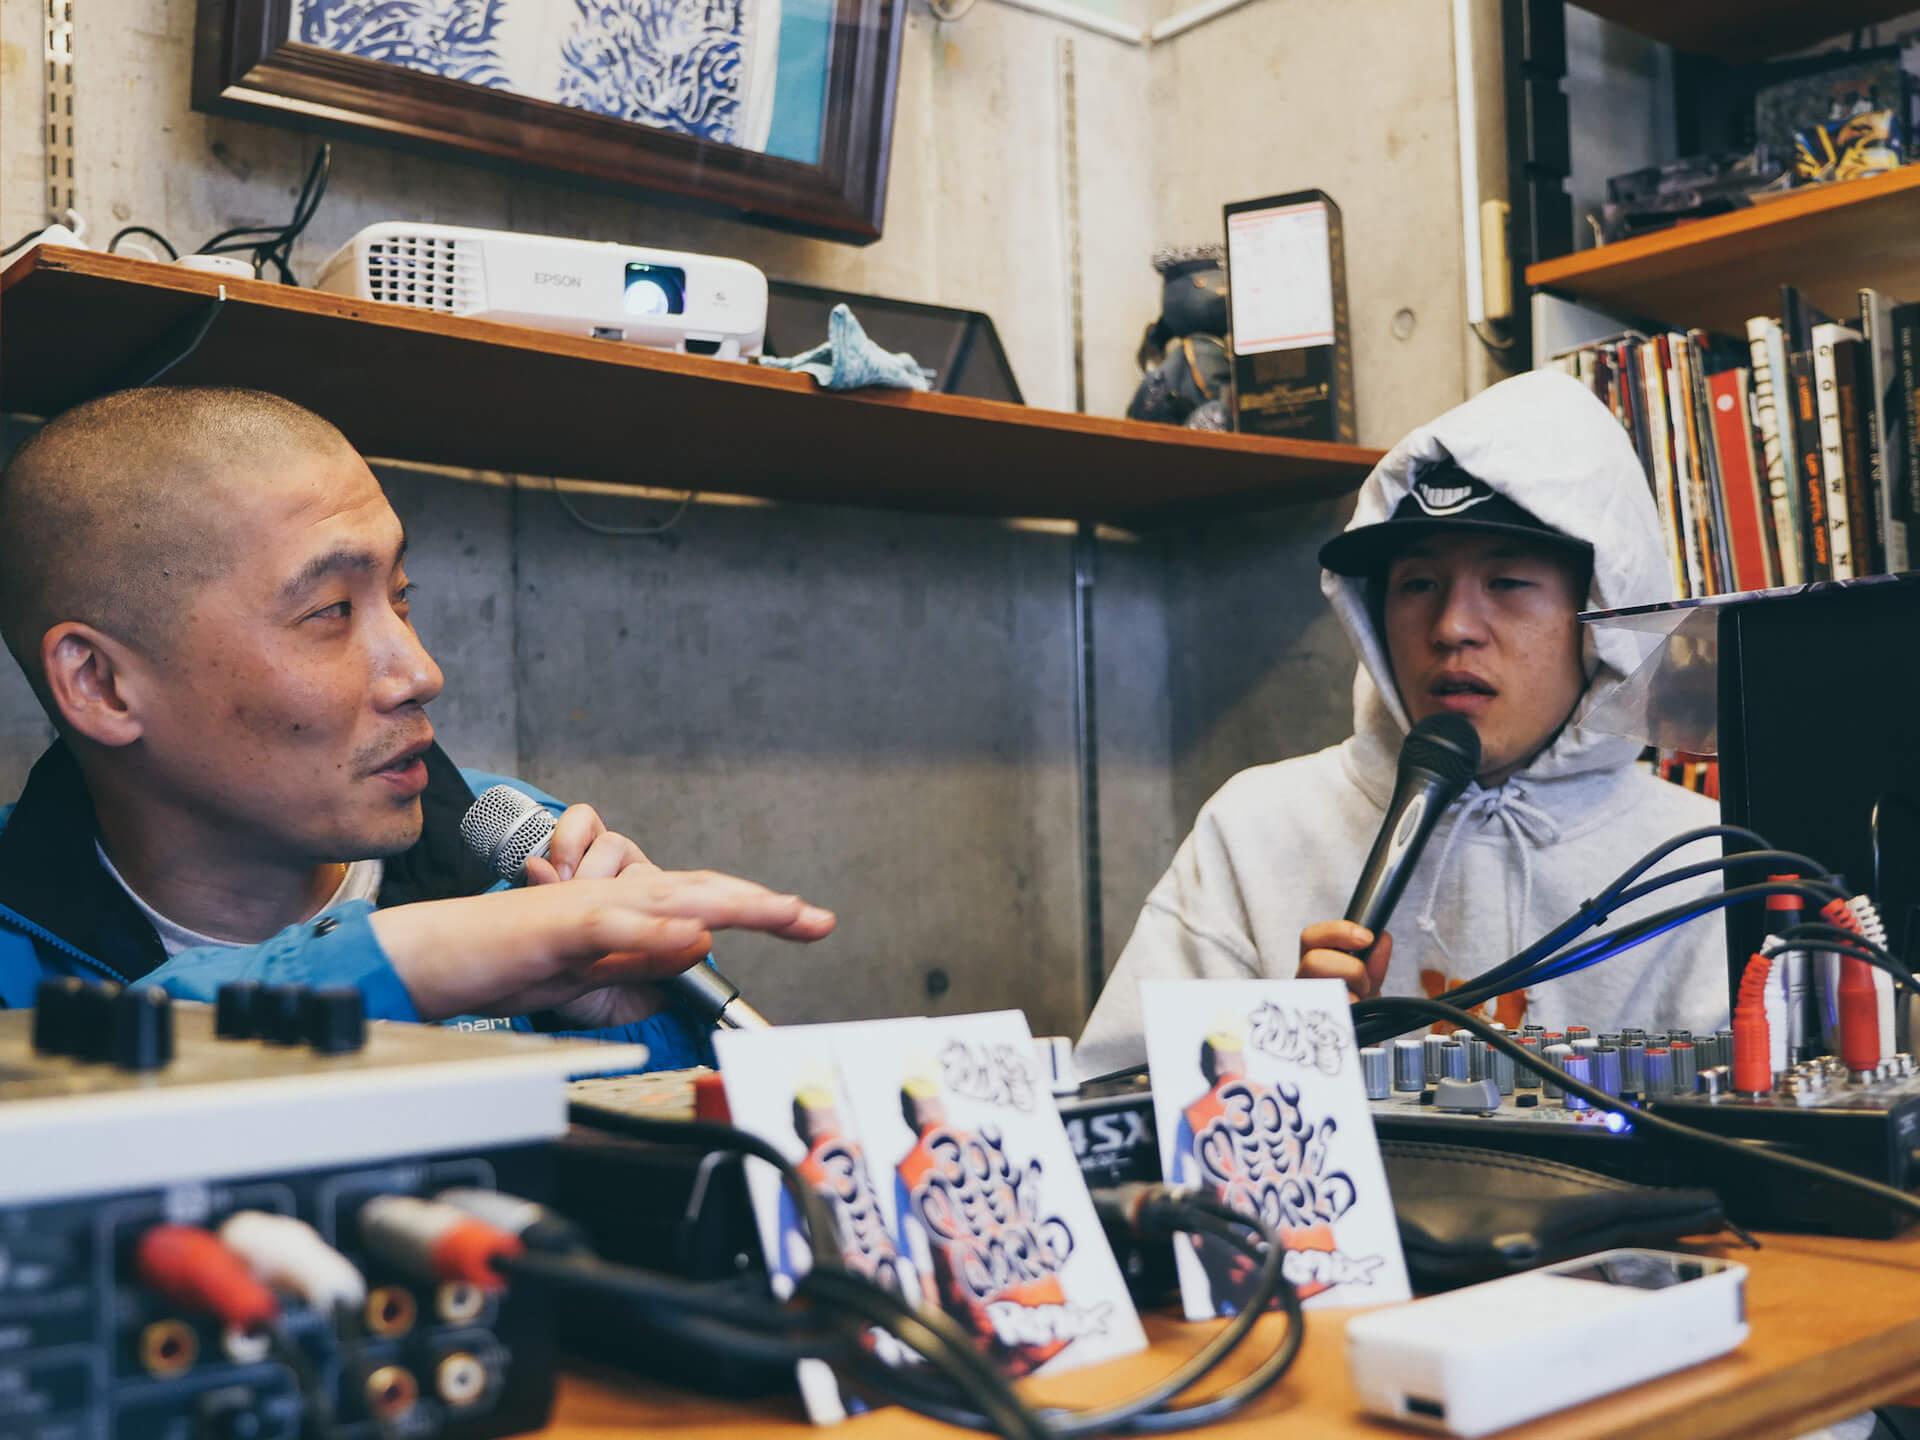 ビートは世界と出会う――BEAT MEETS WORLD x WANDERMAN POP UP in RAH YOKOHAMA REPORT interview-beat-meets-world-pop-up-report-7